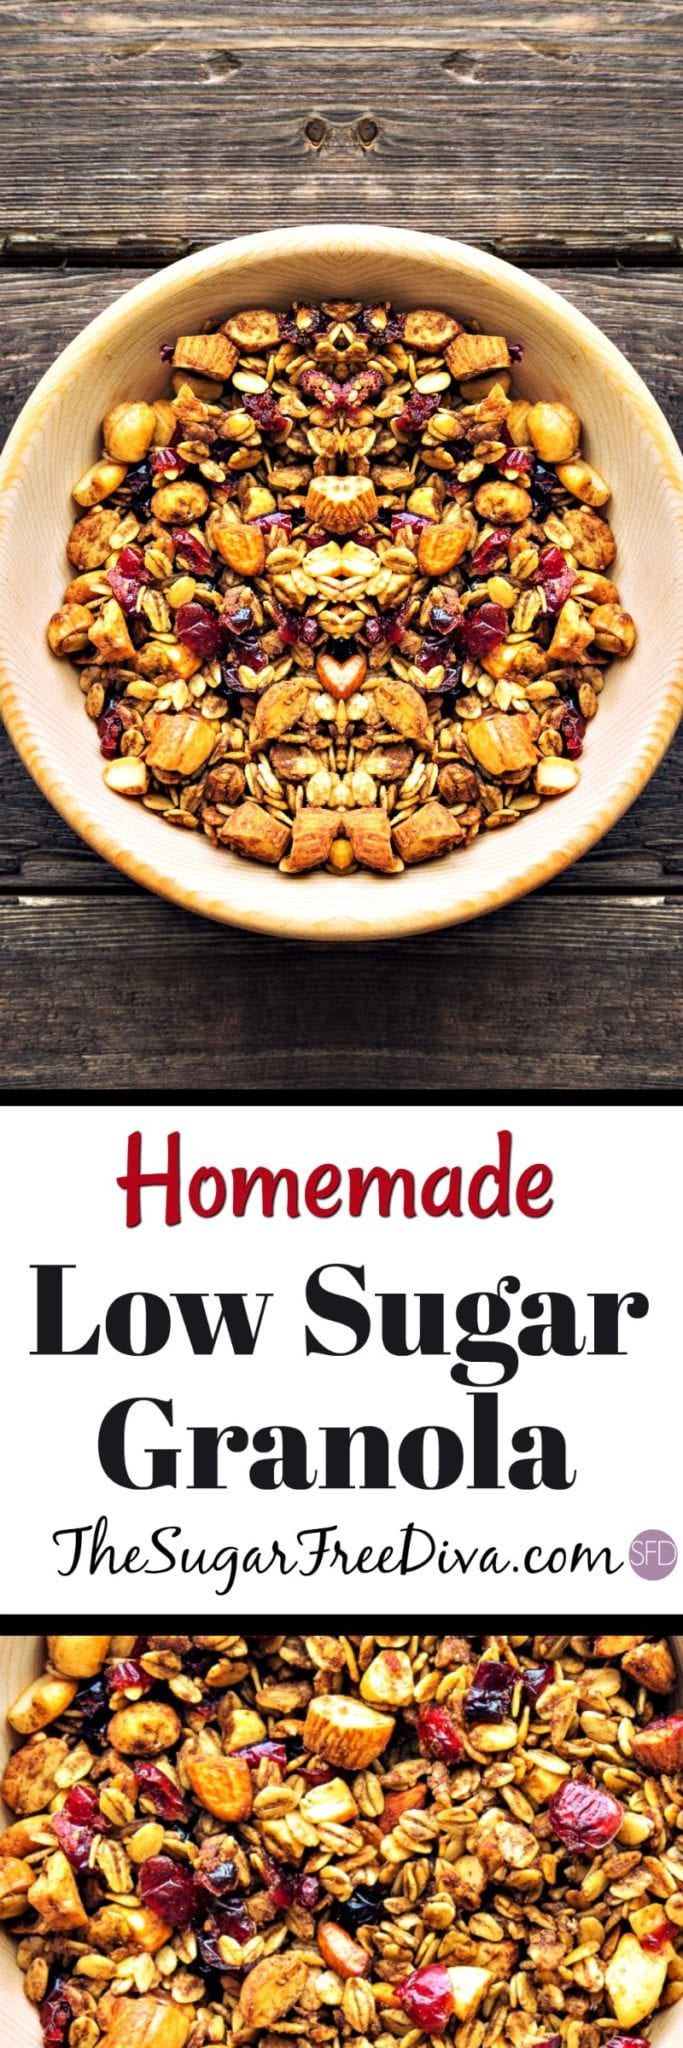 Low Sugar Homemade Granola